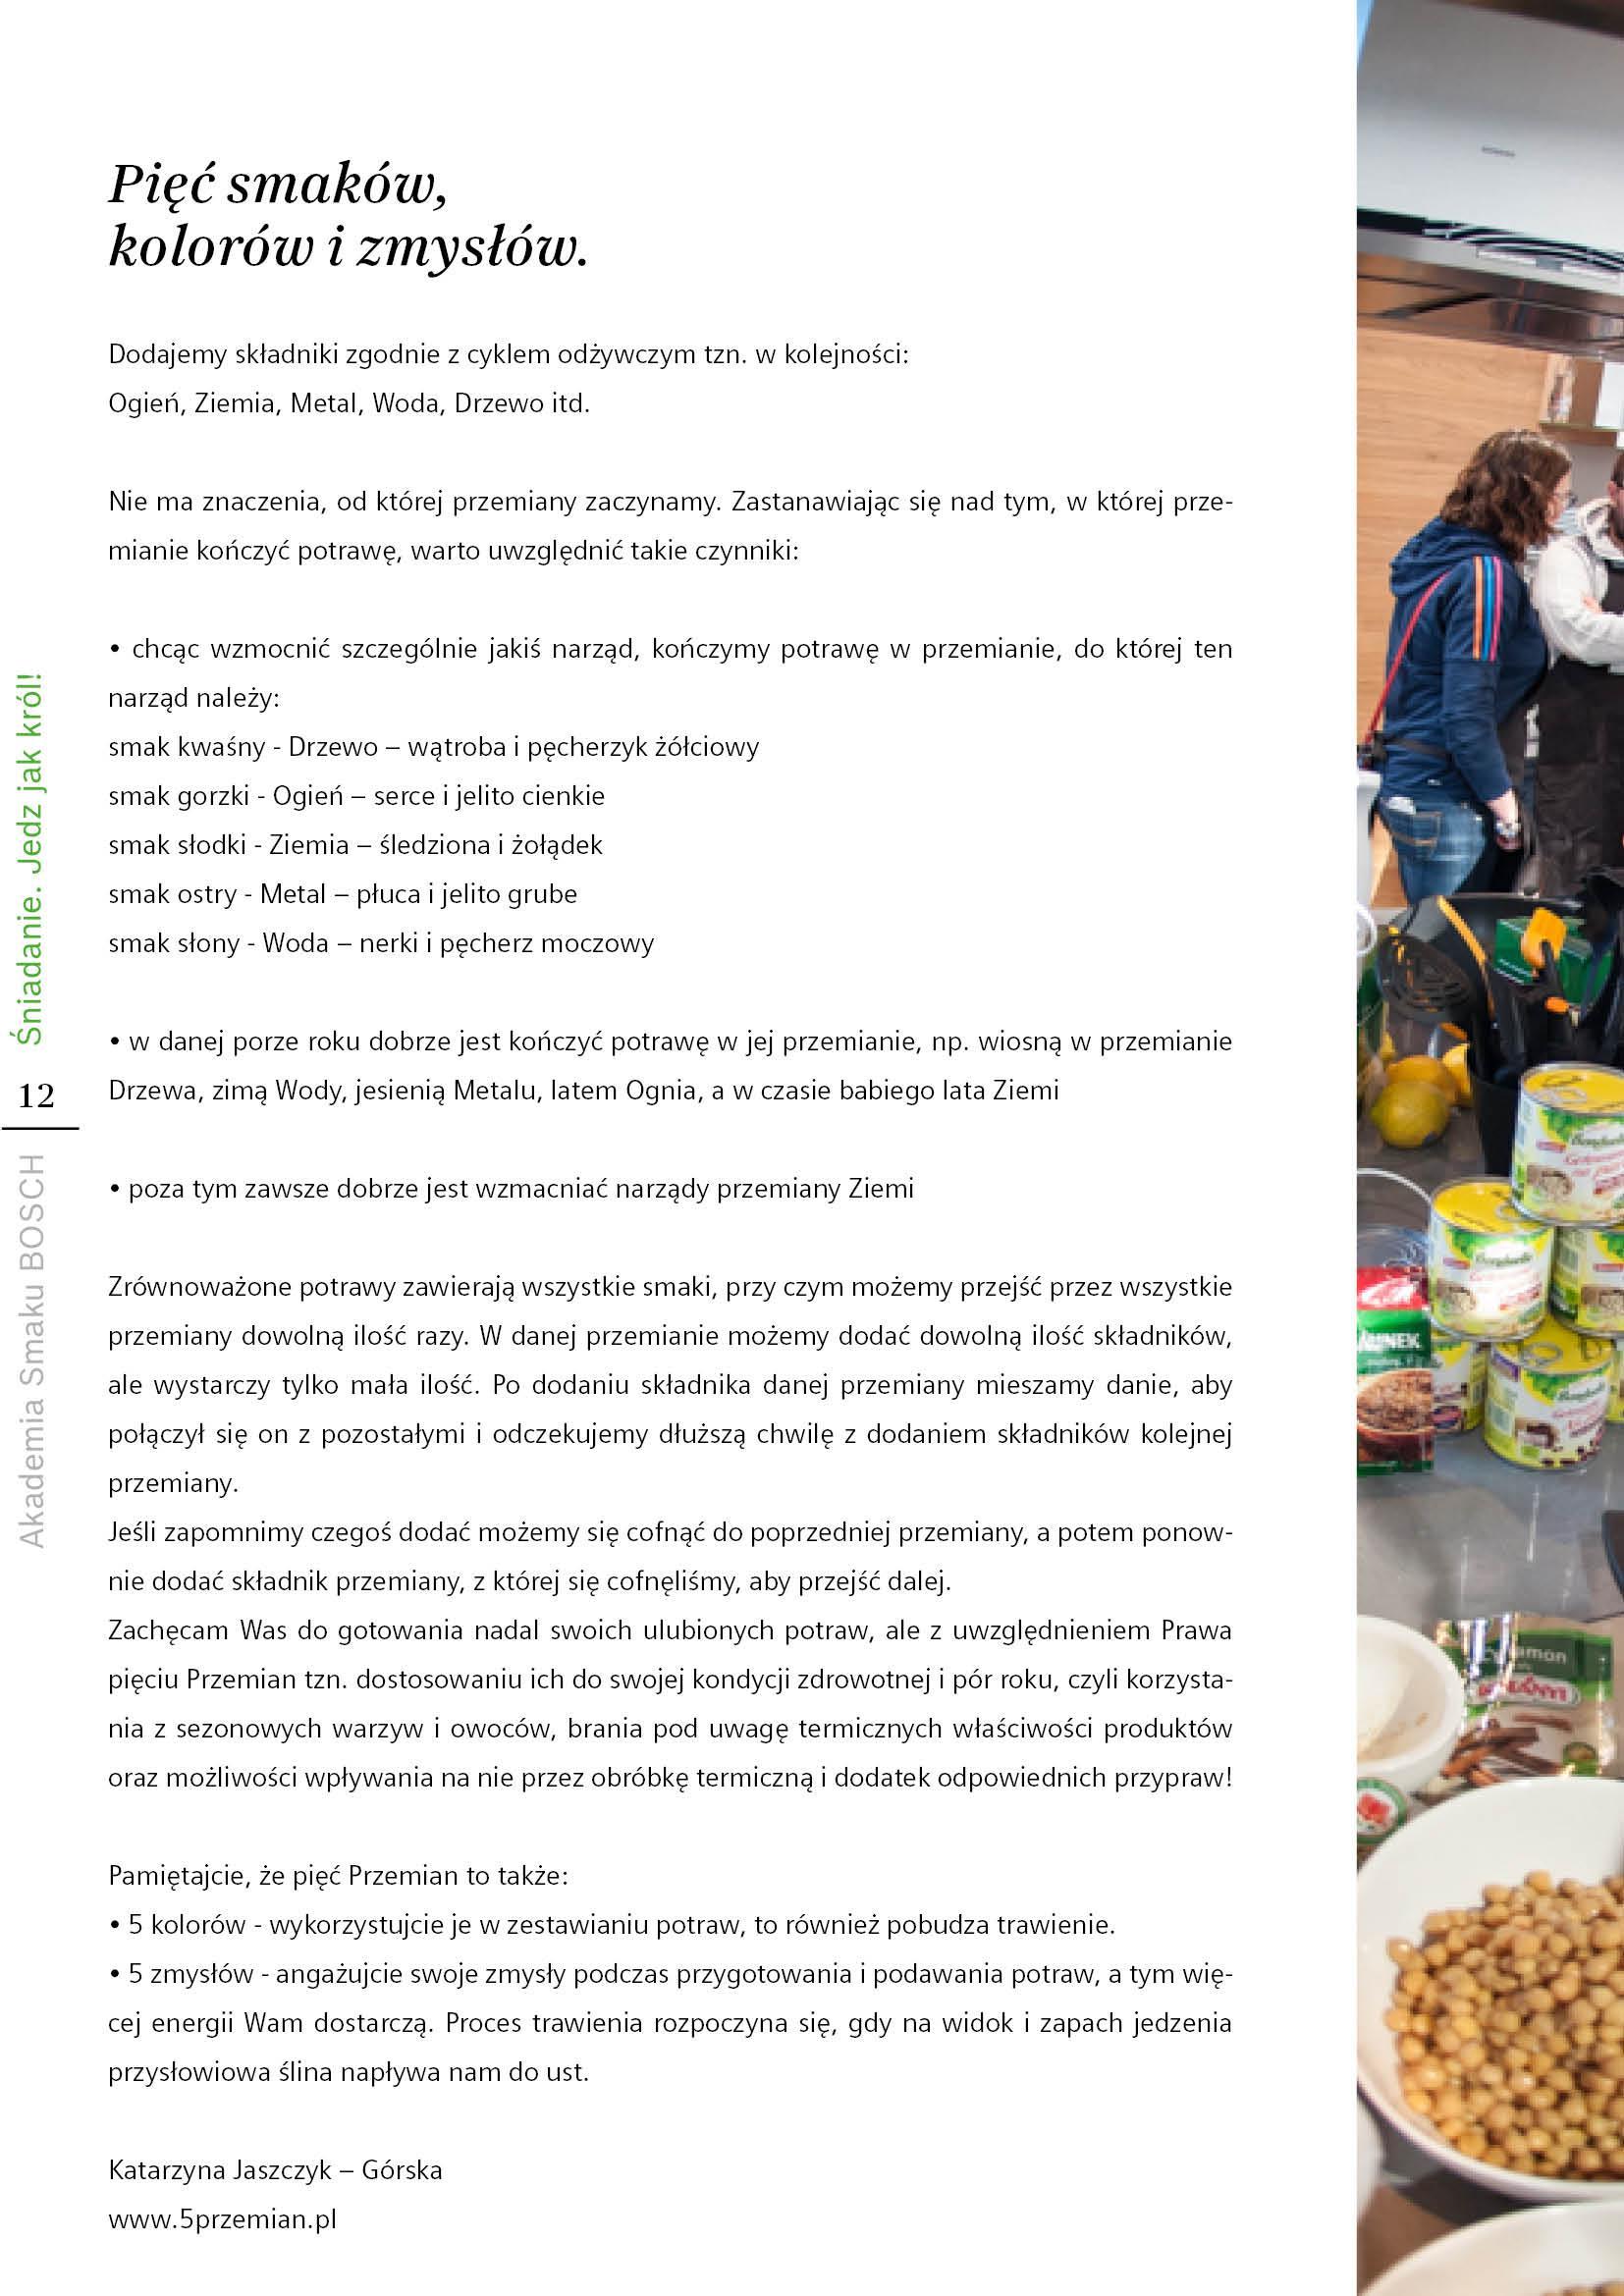 Śniadanie Jedz jak król! - Strona 12